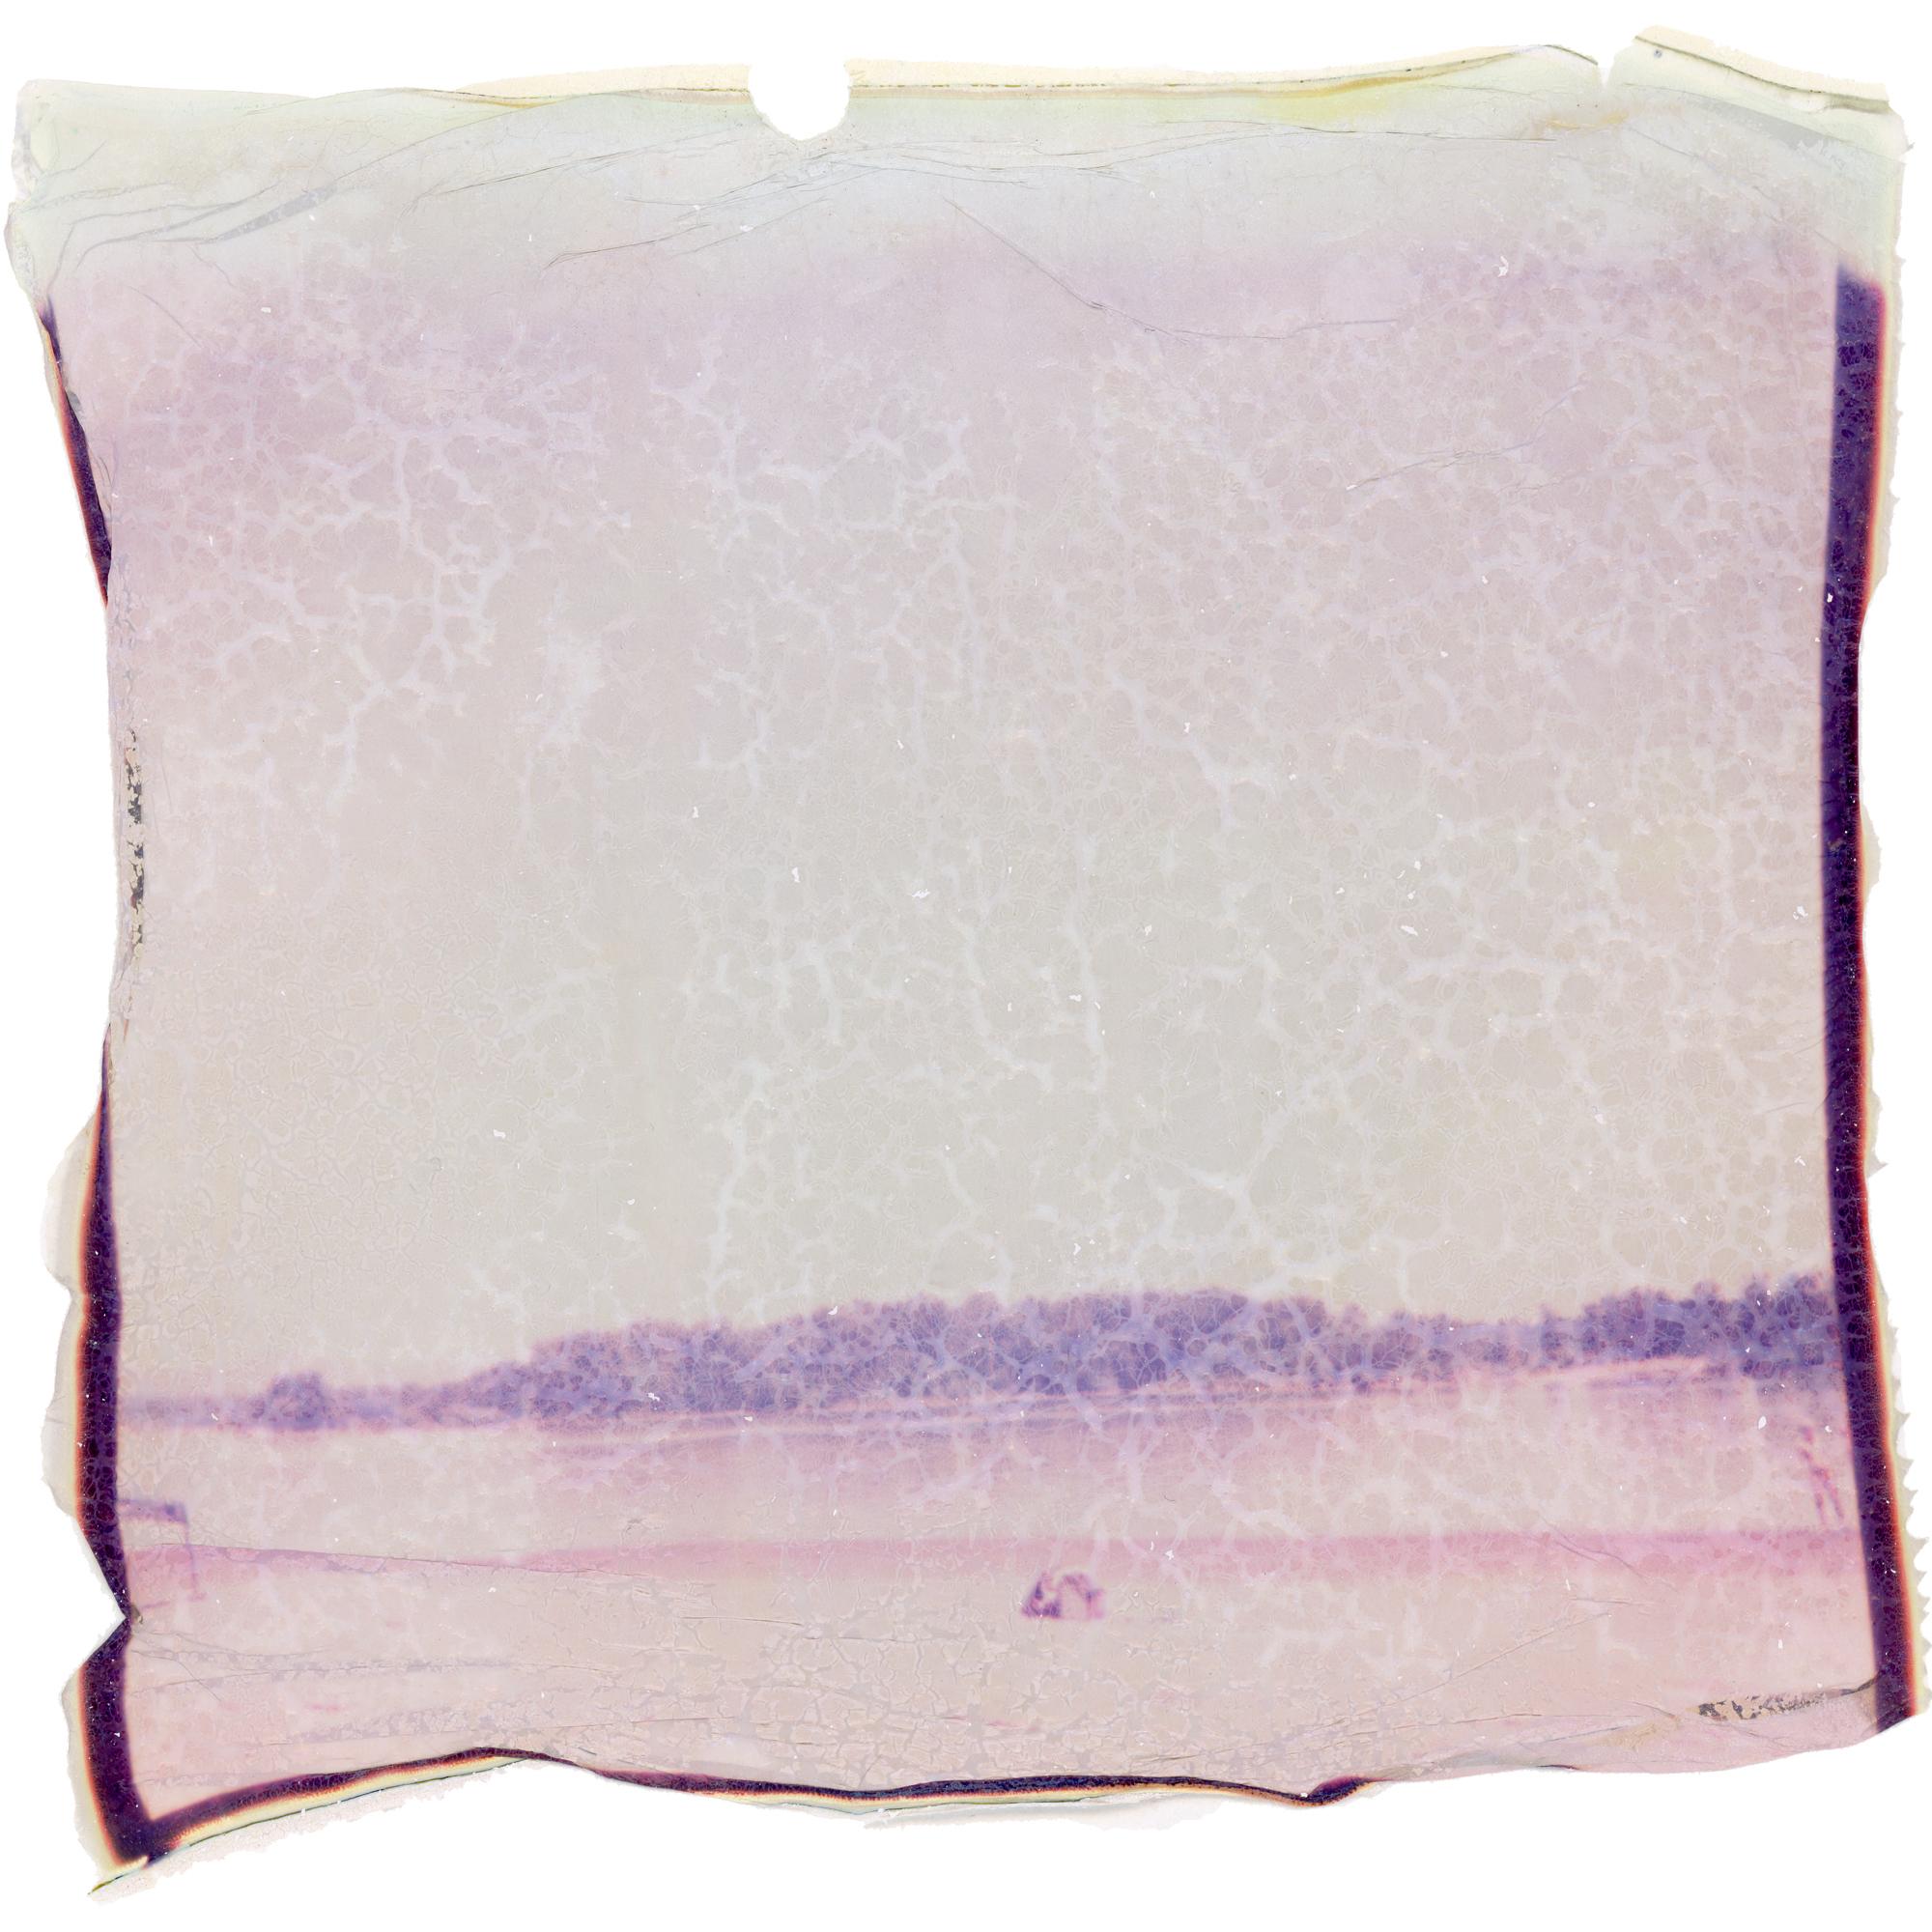 emulsion_lift_14.jpg